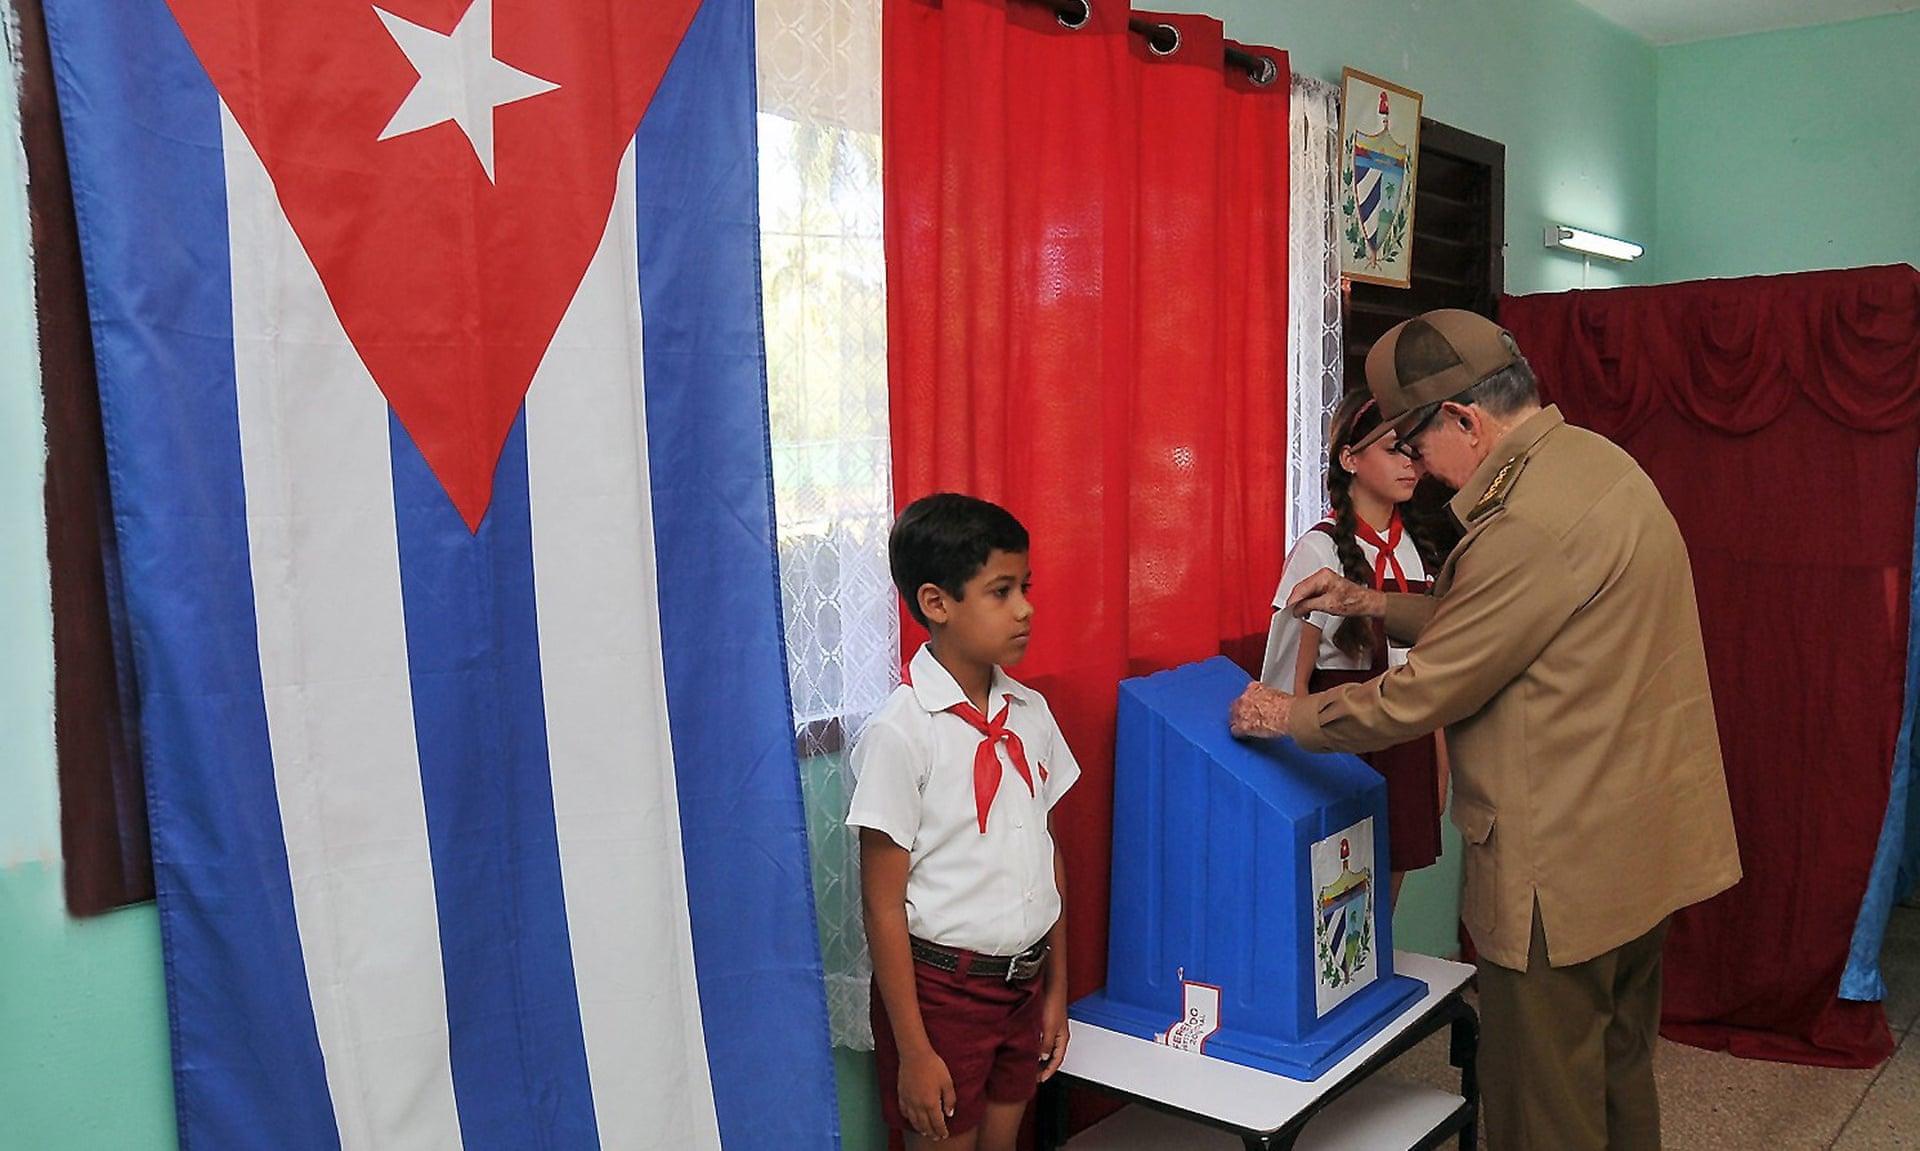 Куба получила новую конституцию - китайского образца - капитализм